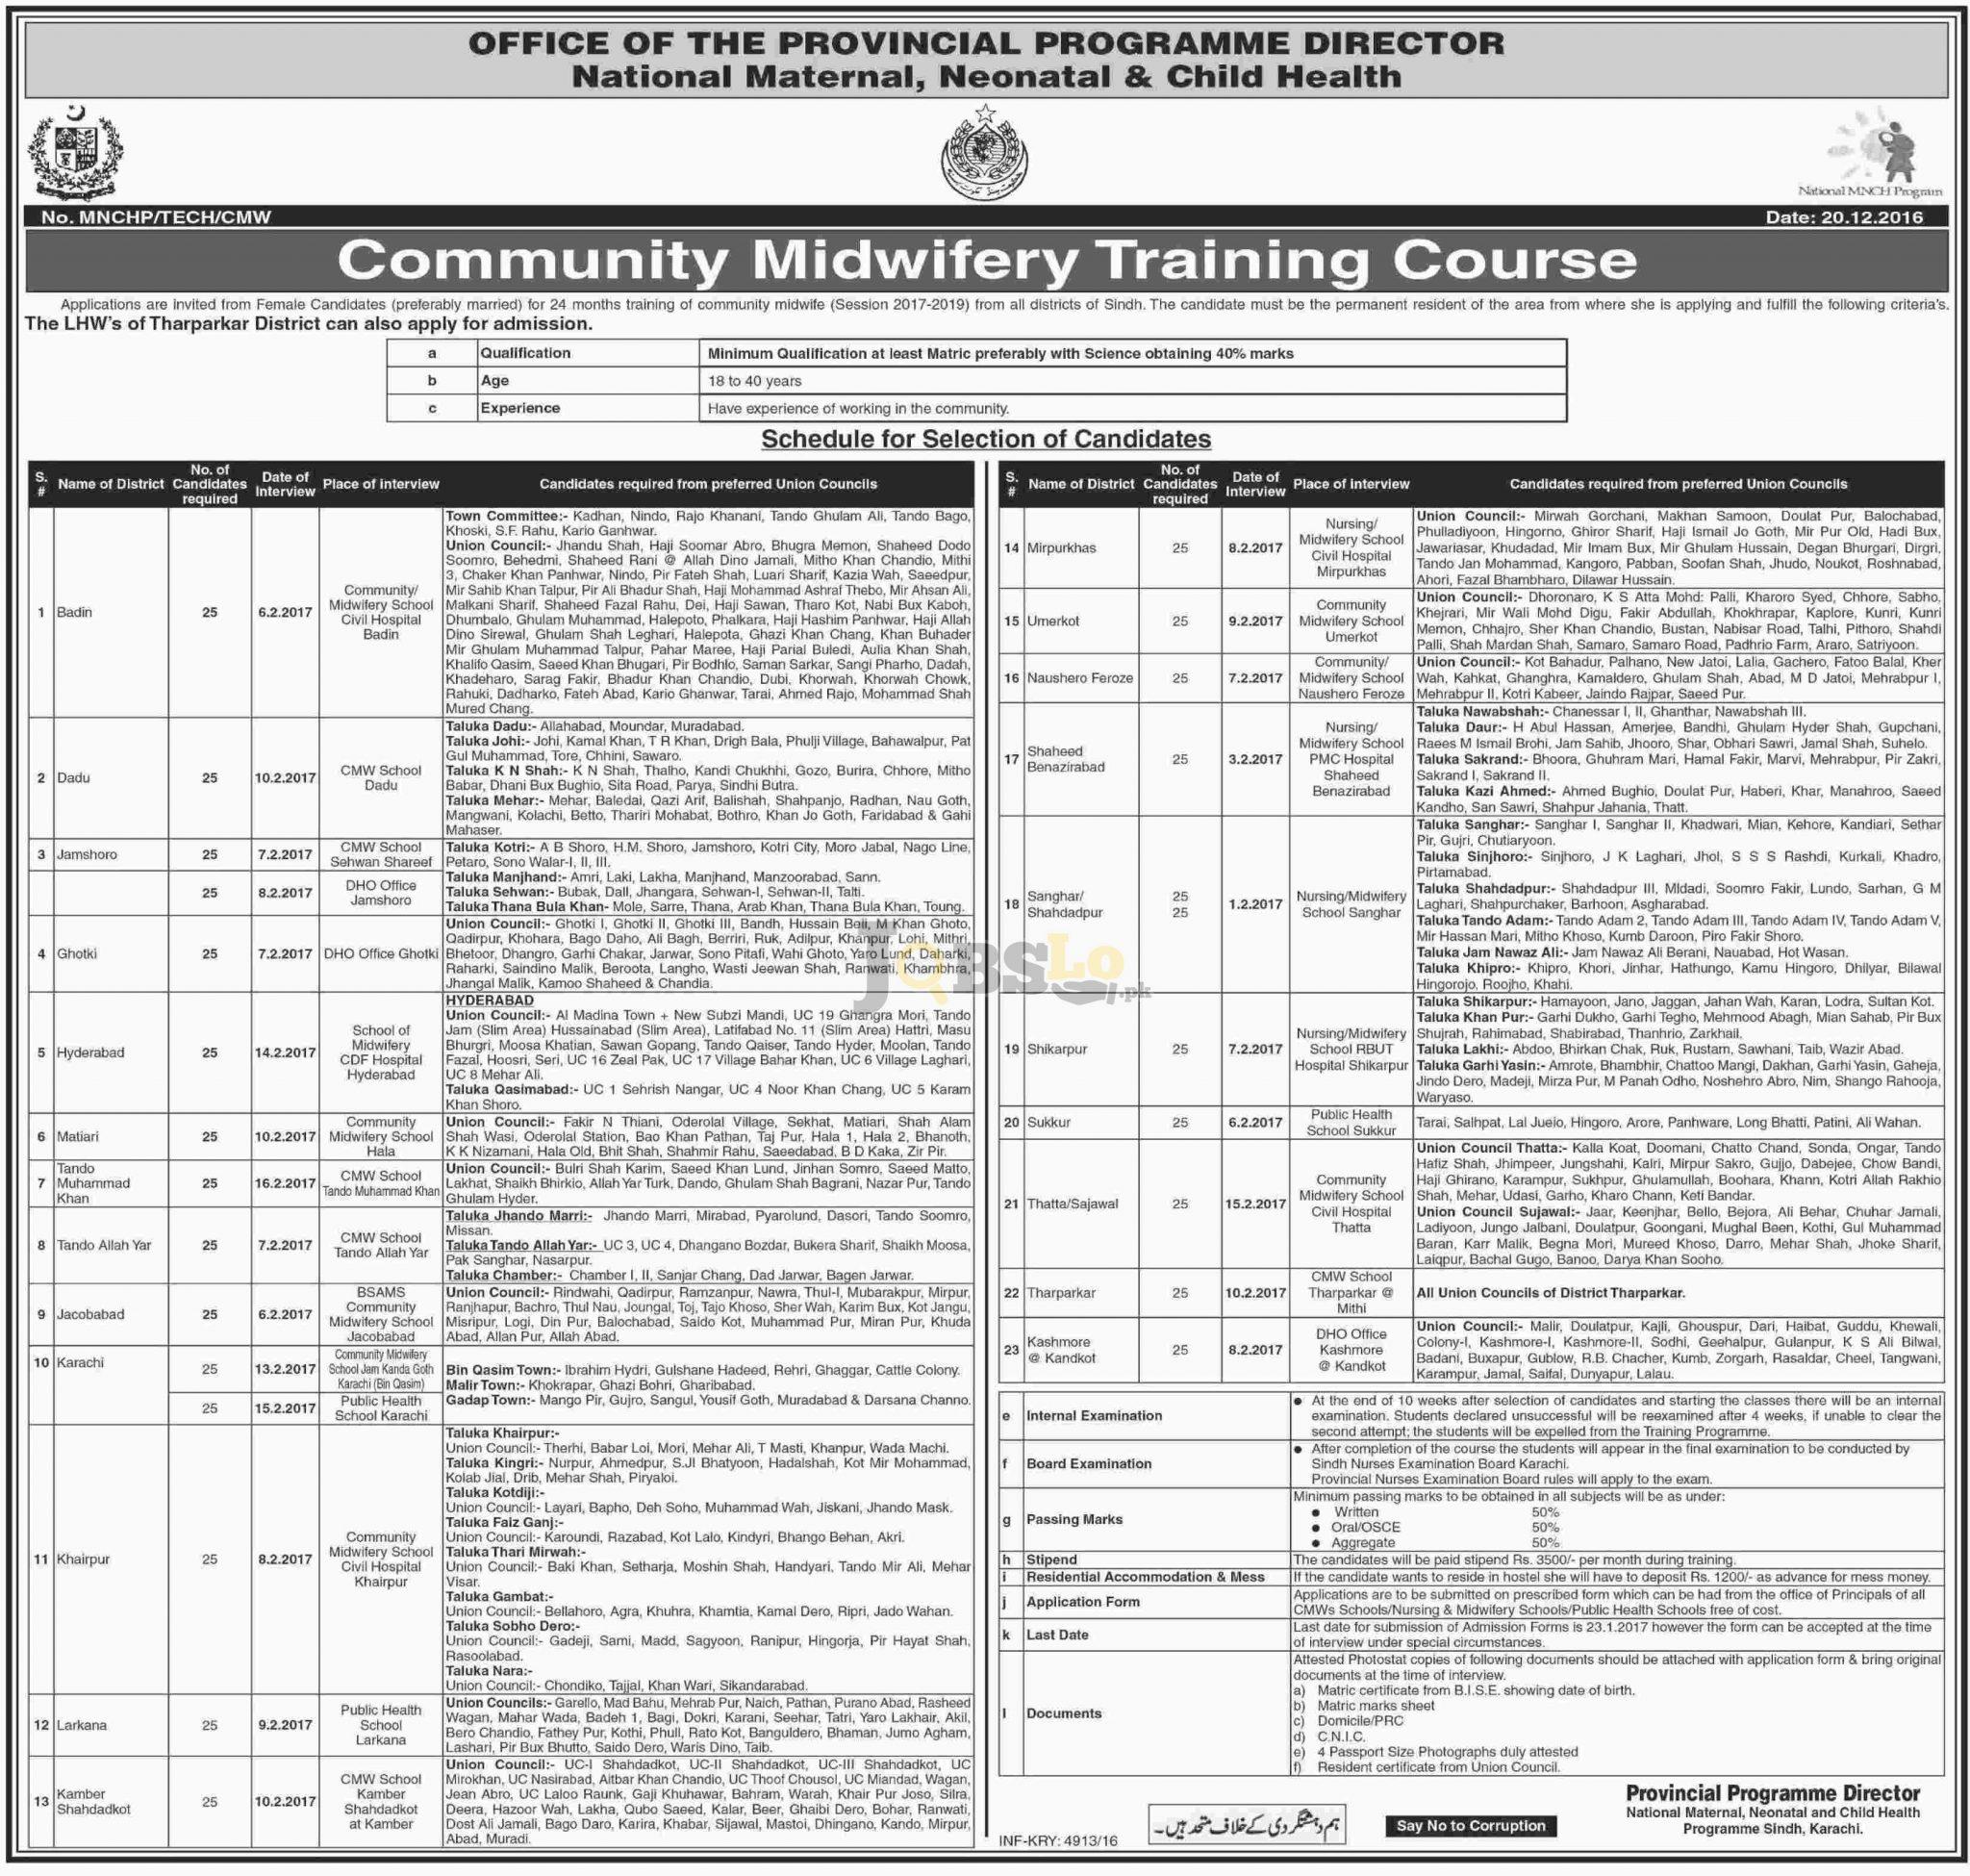 National MNCH Program Sindh